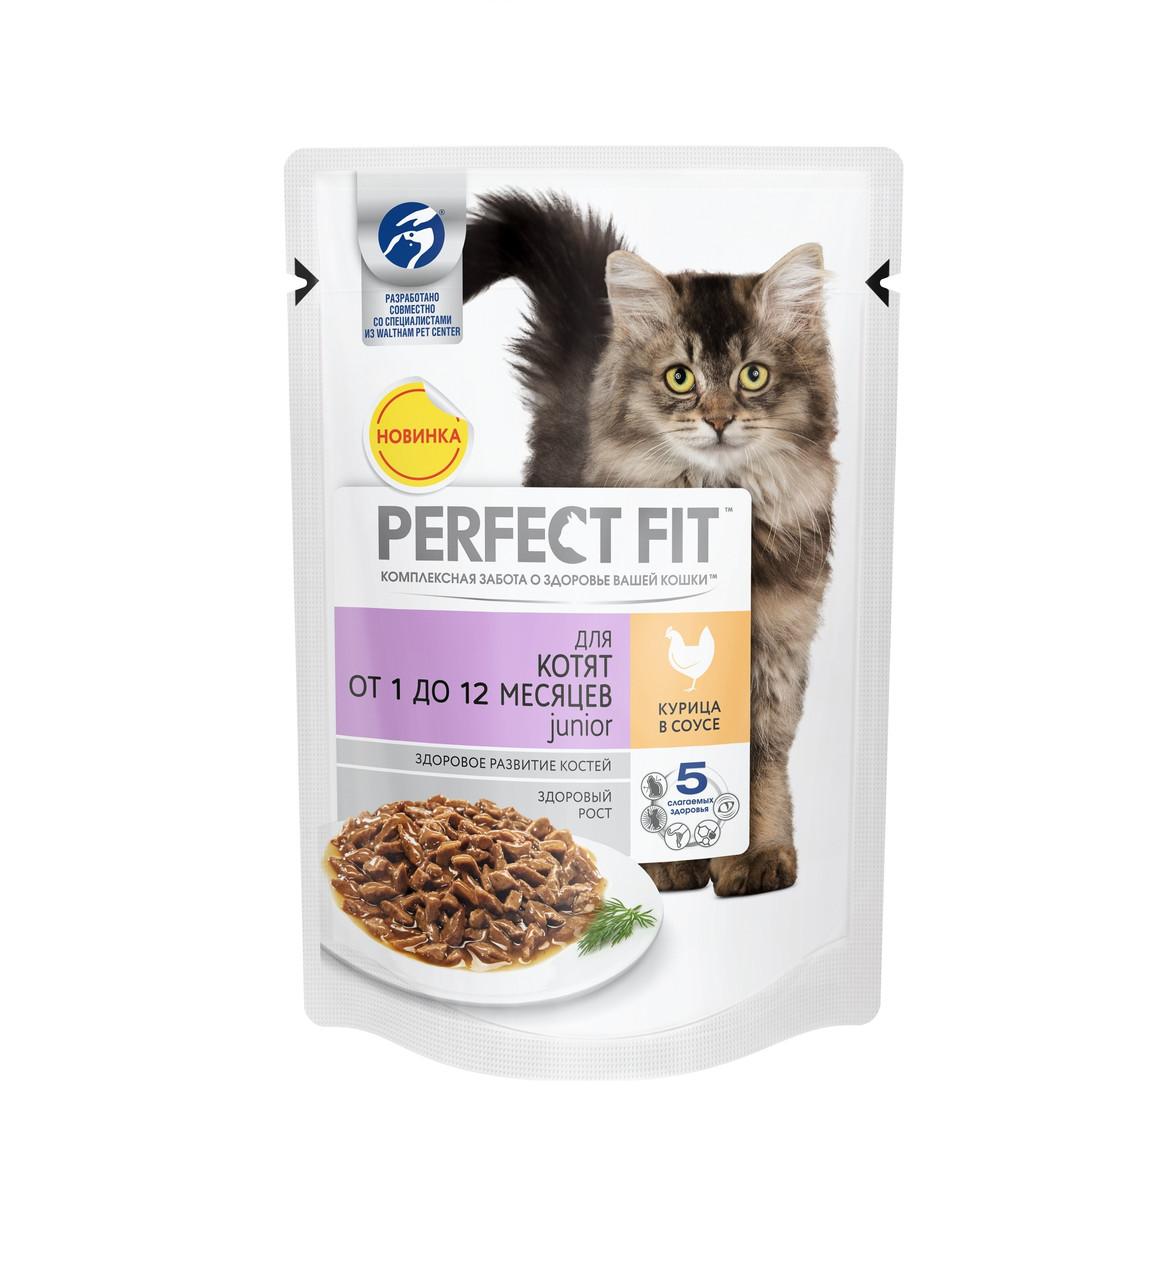 Perfect Fit Kitten для котят, с курицей в соусе, пауч 85гр.